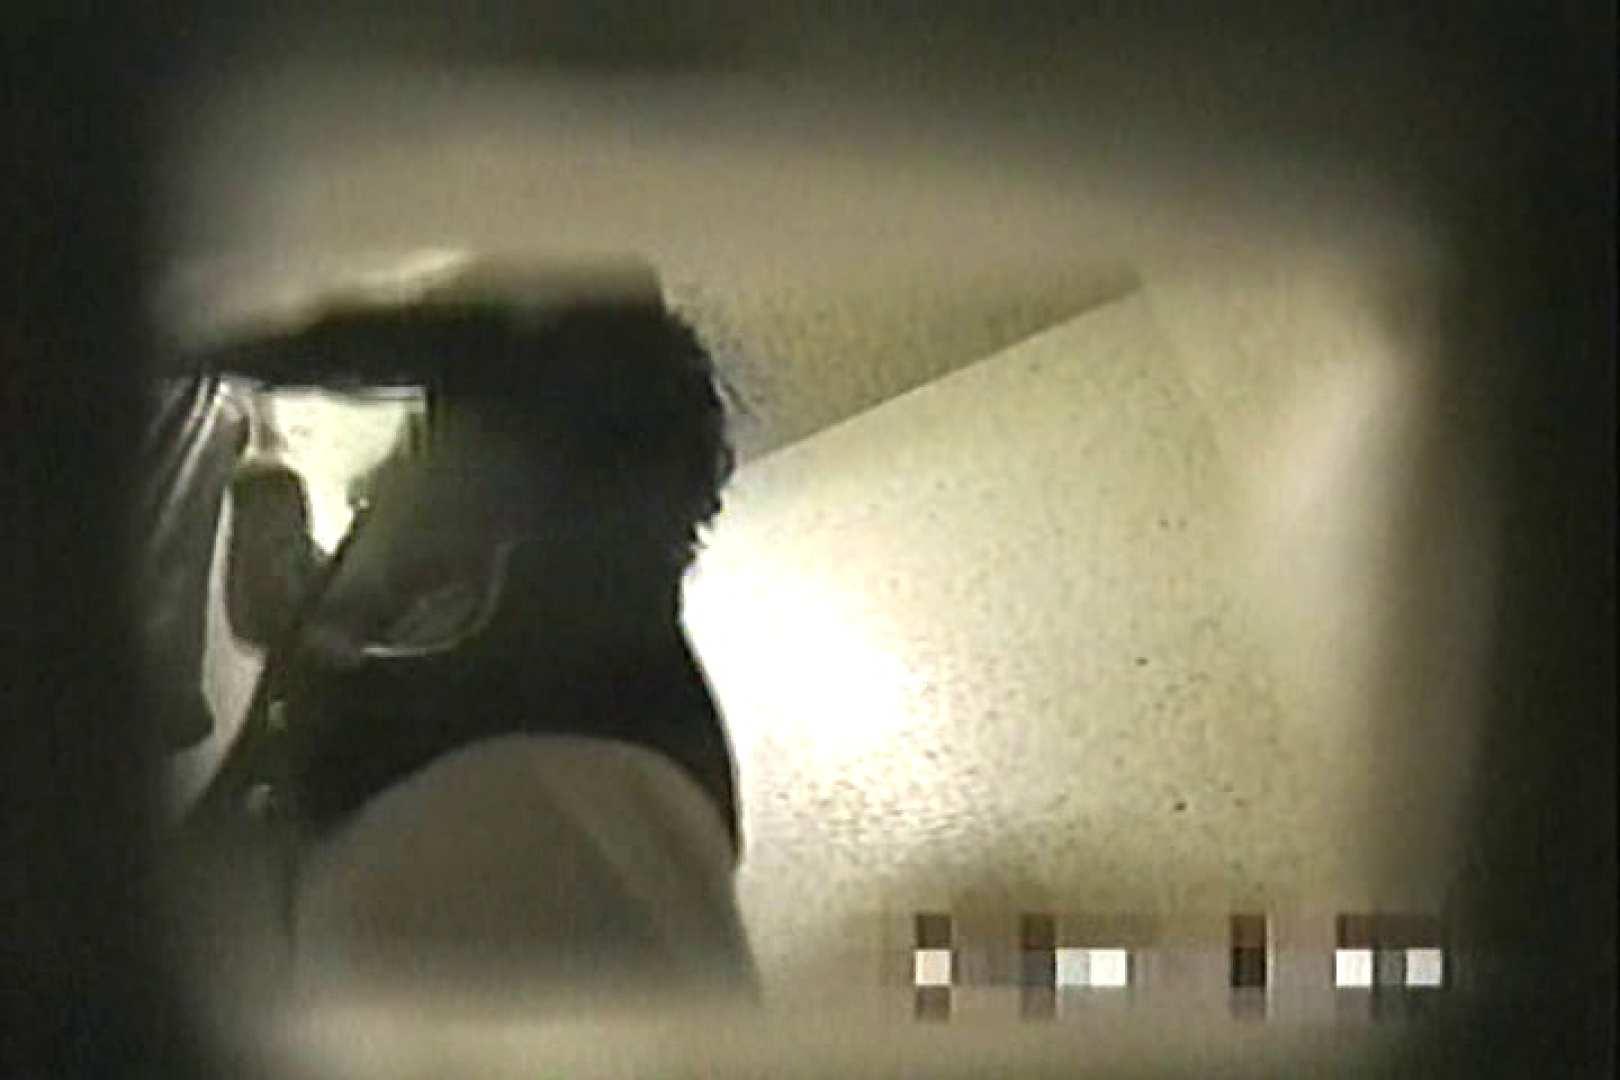 女子洗面所盗撮 今度の2カメは若い子だらけ  TK-127 ギャルの実態 盗み撮りSEX無修正画像 62pic 33